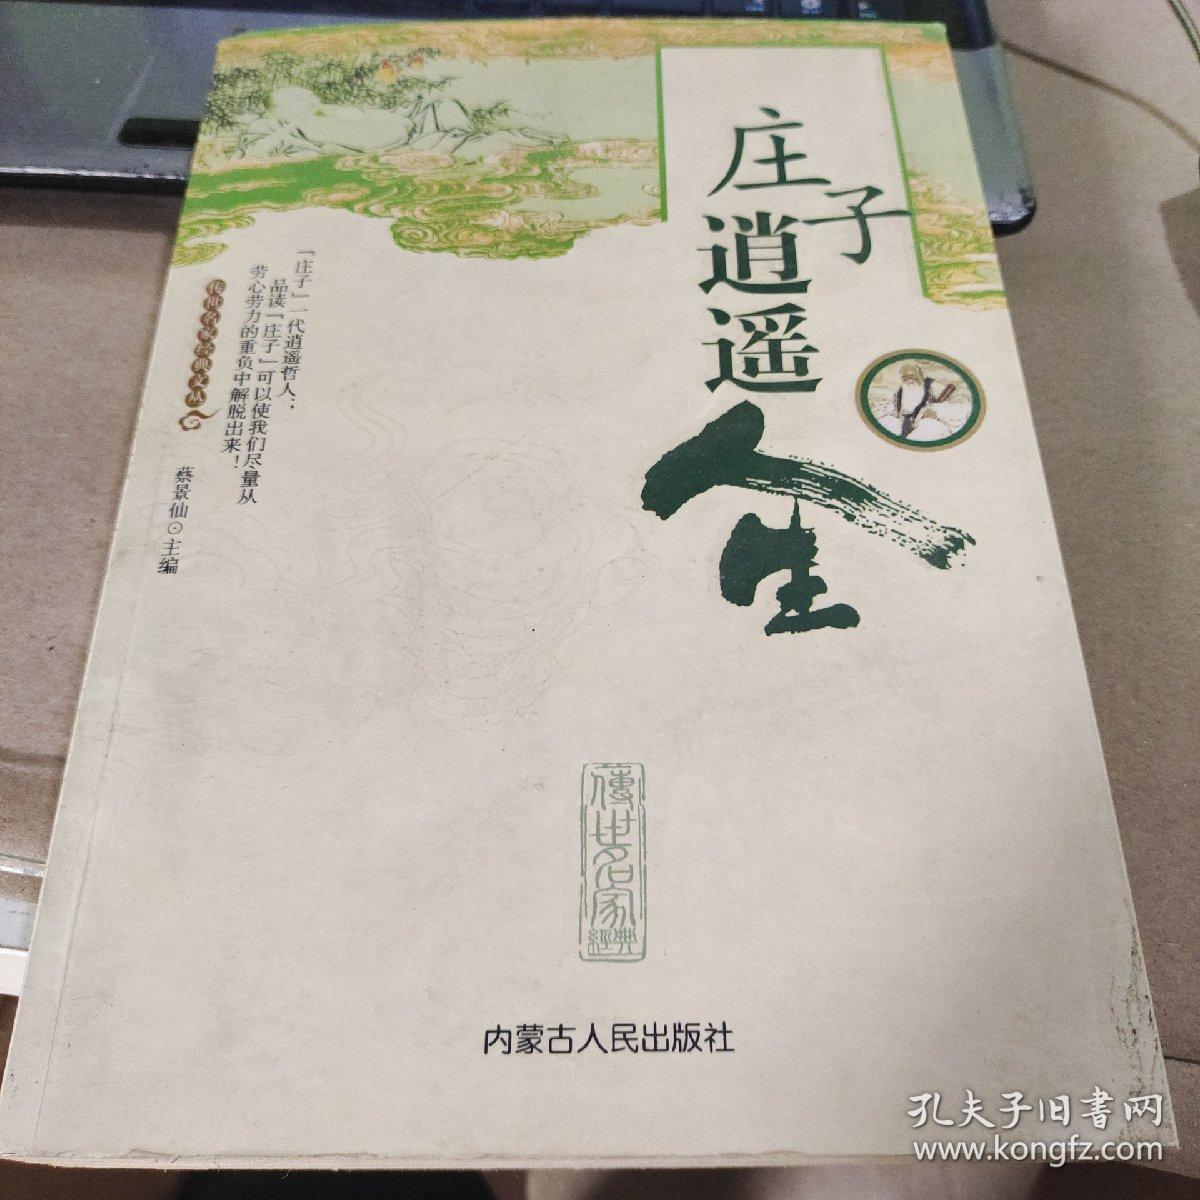 韩非子权术人生